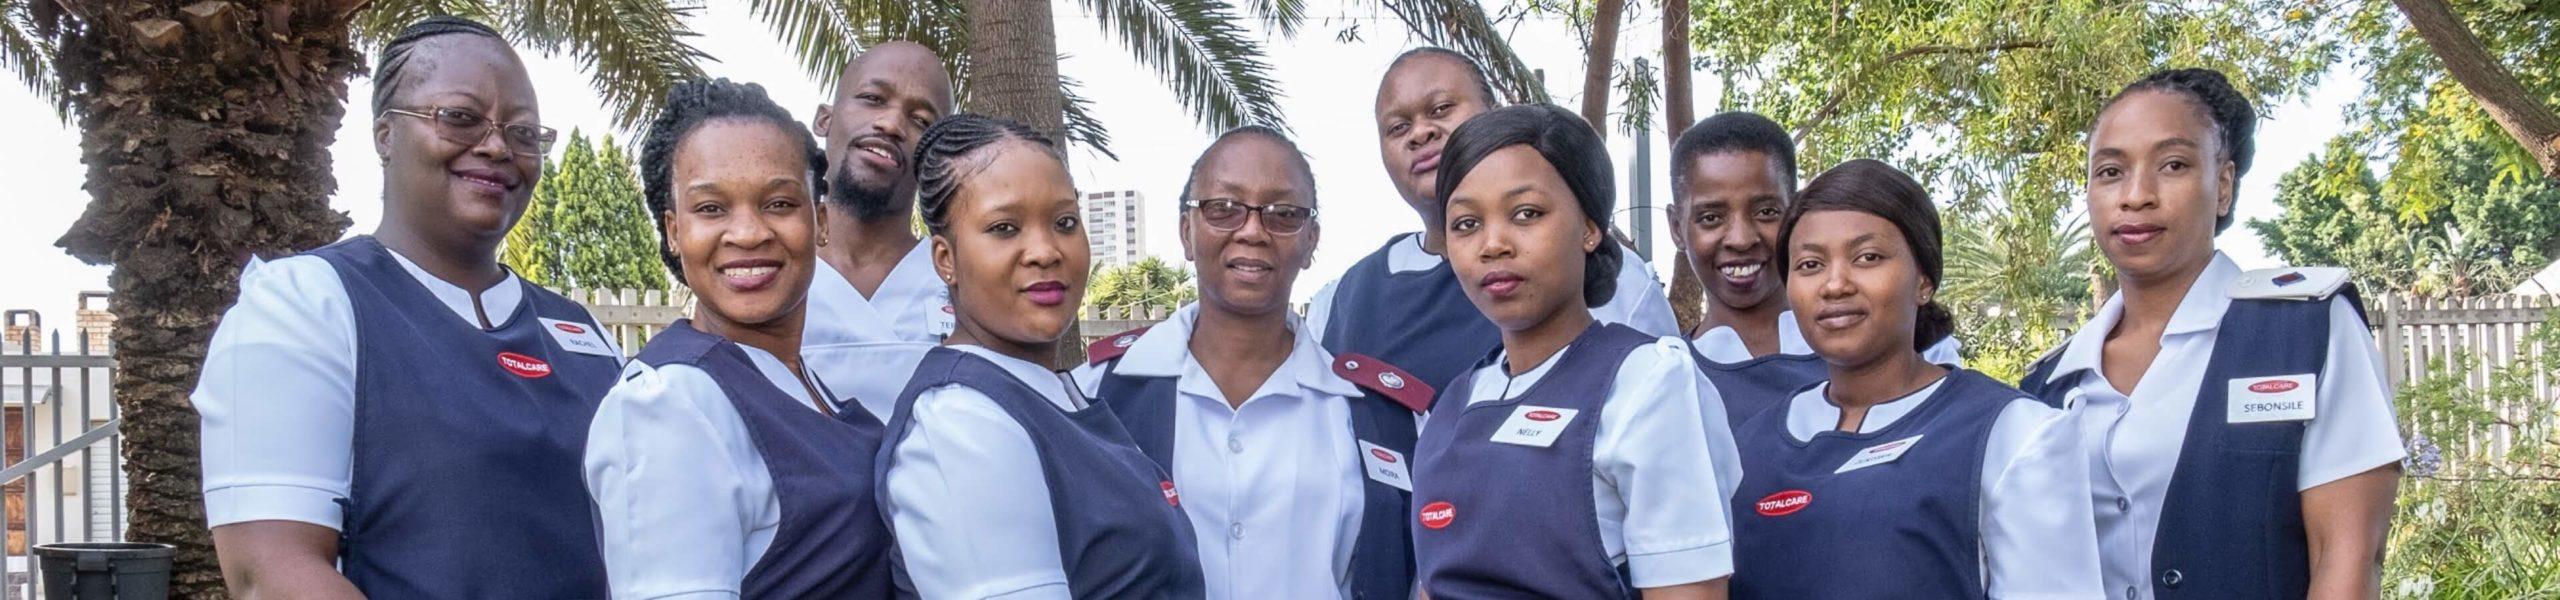 Totalcare staff